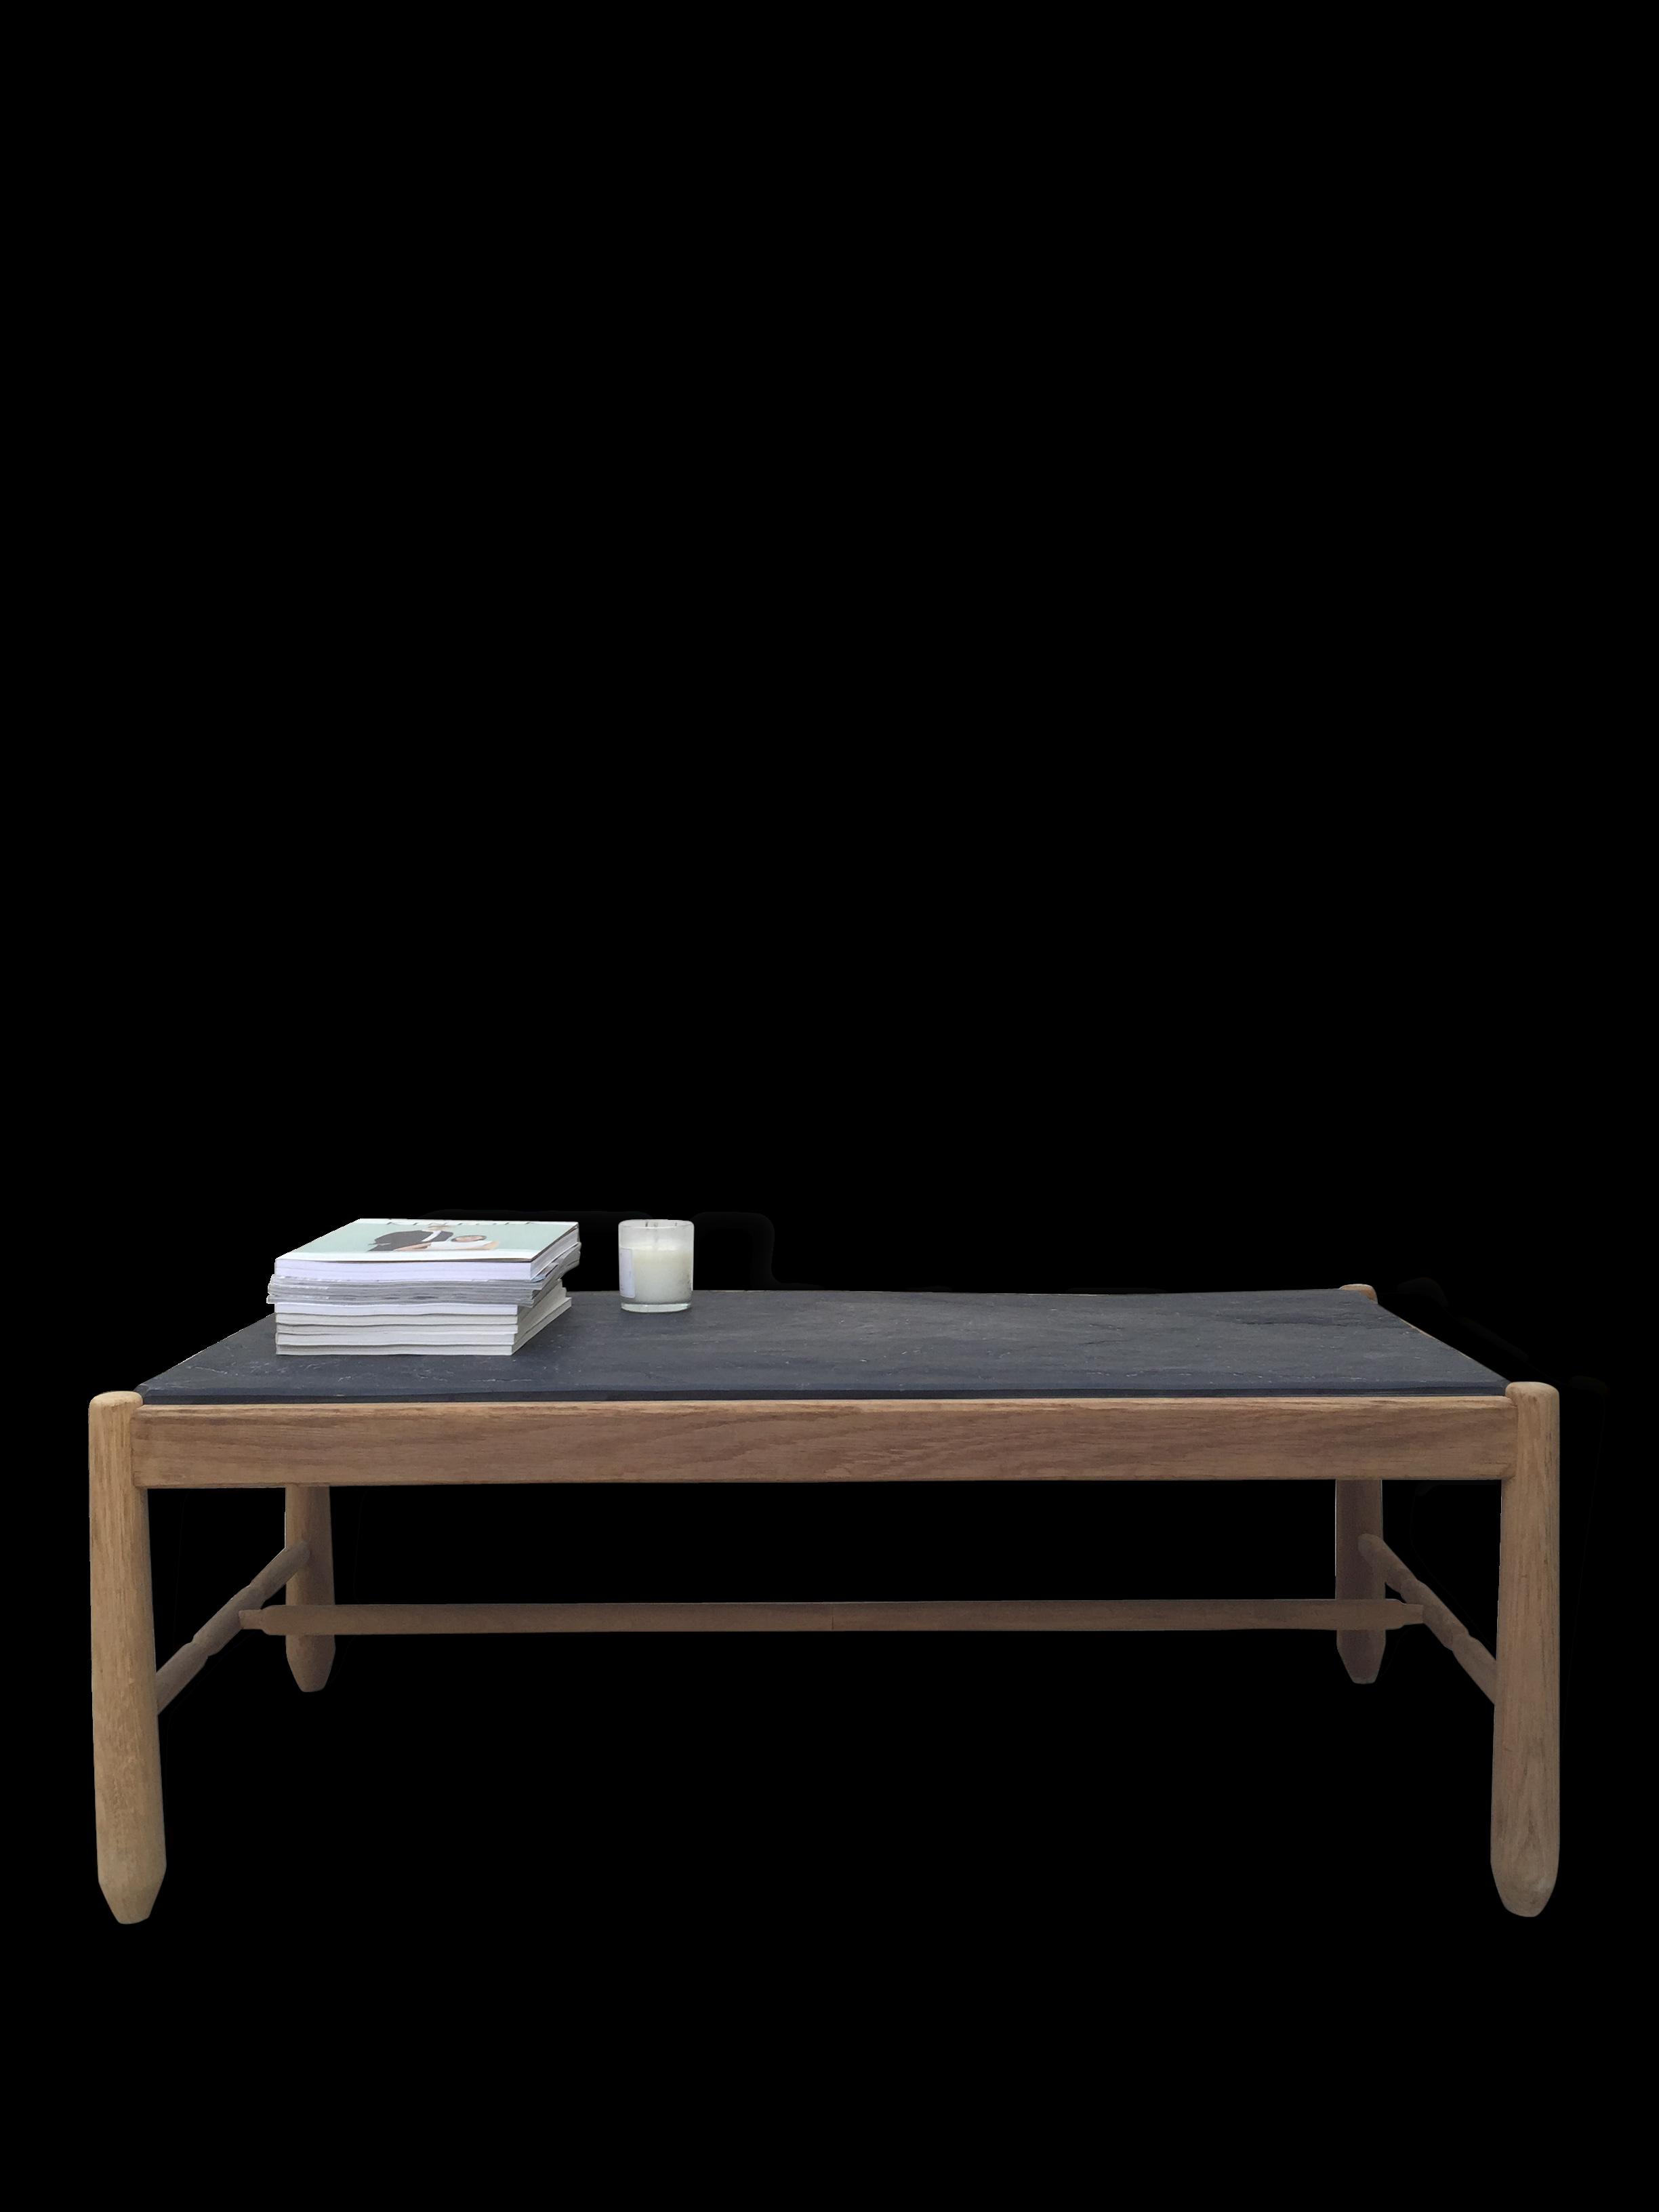 table basse ardoise affordable table basse chne et. Black Bedroom Furniture Sets. Home Design Ideas